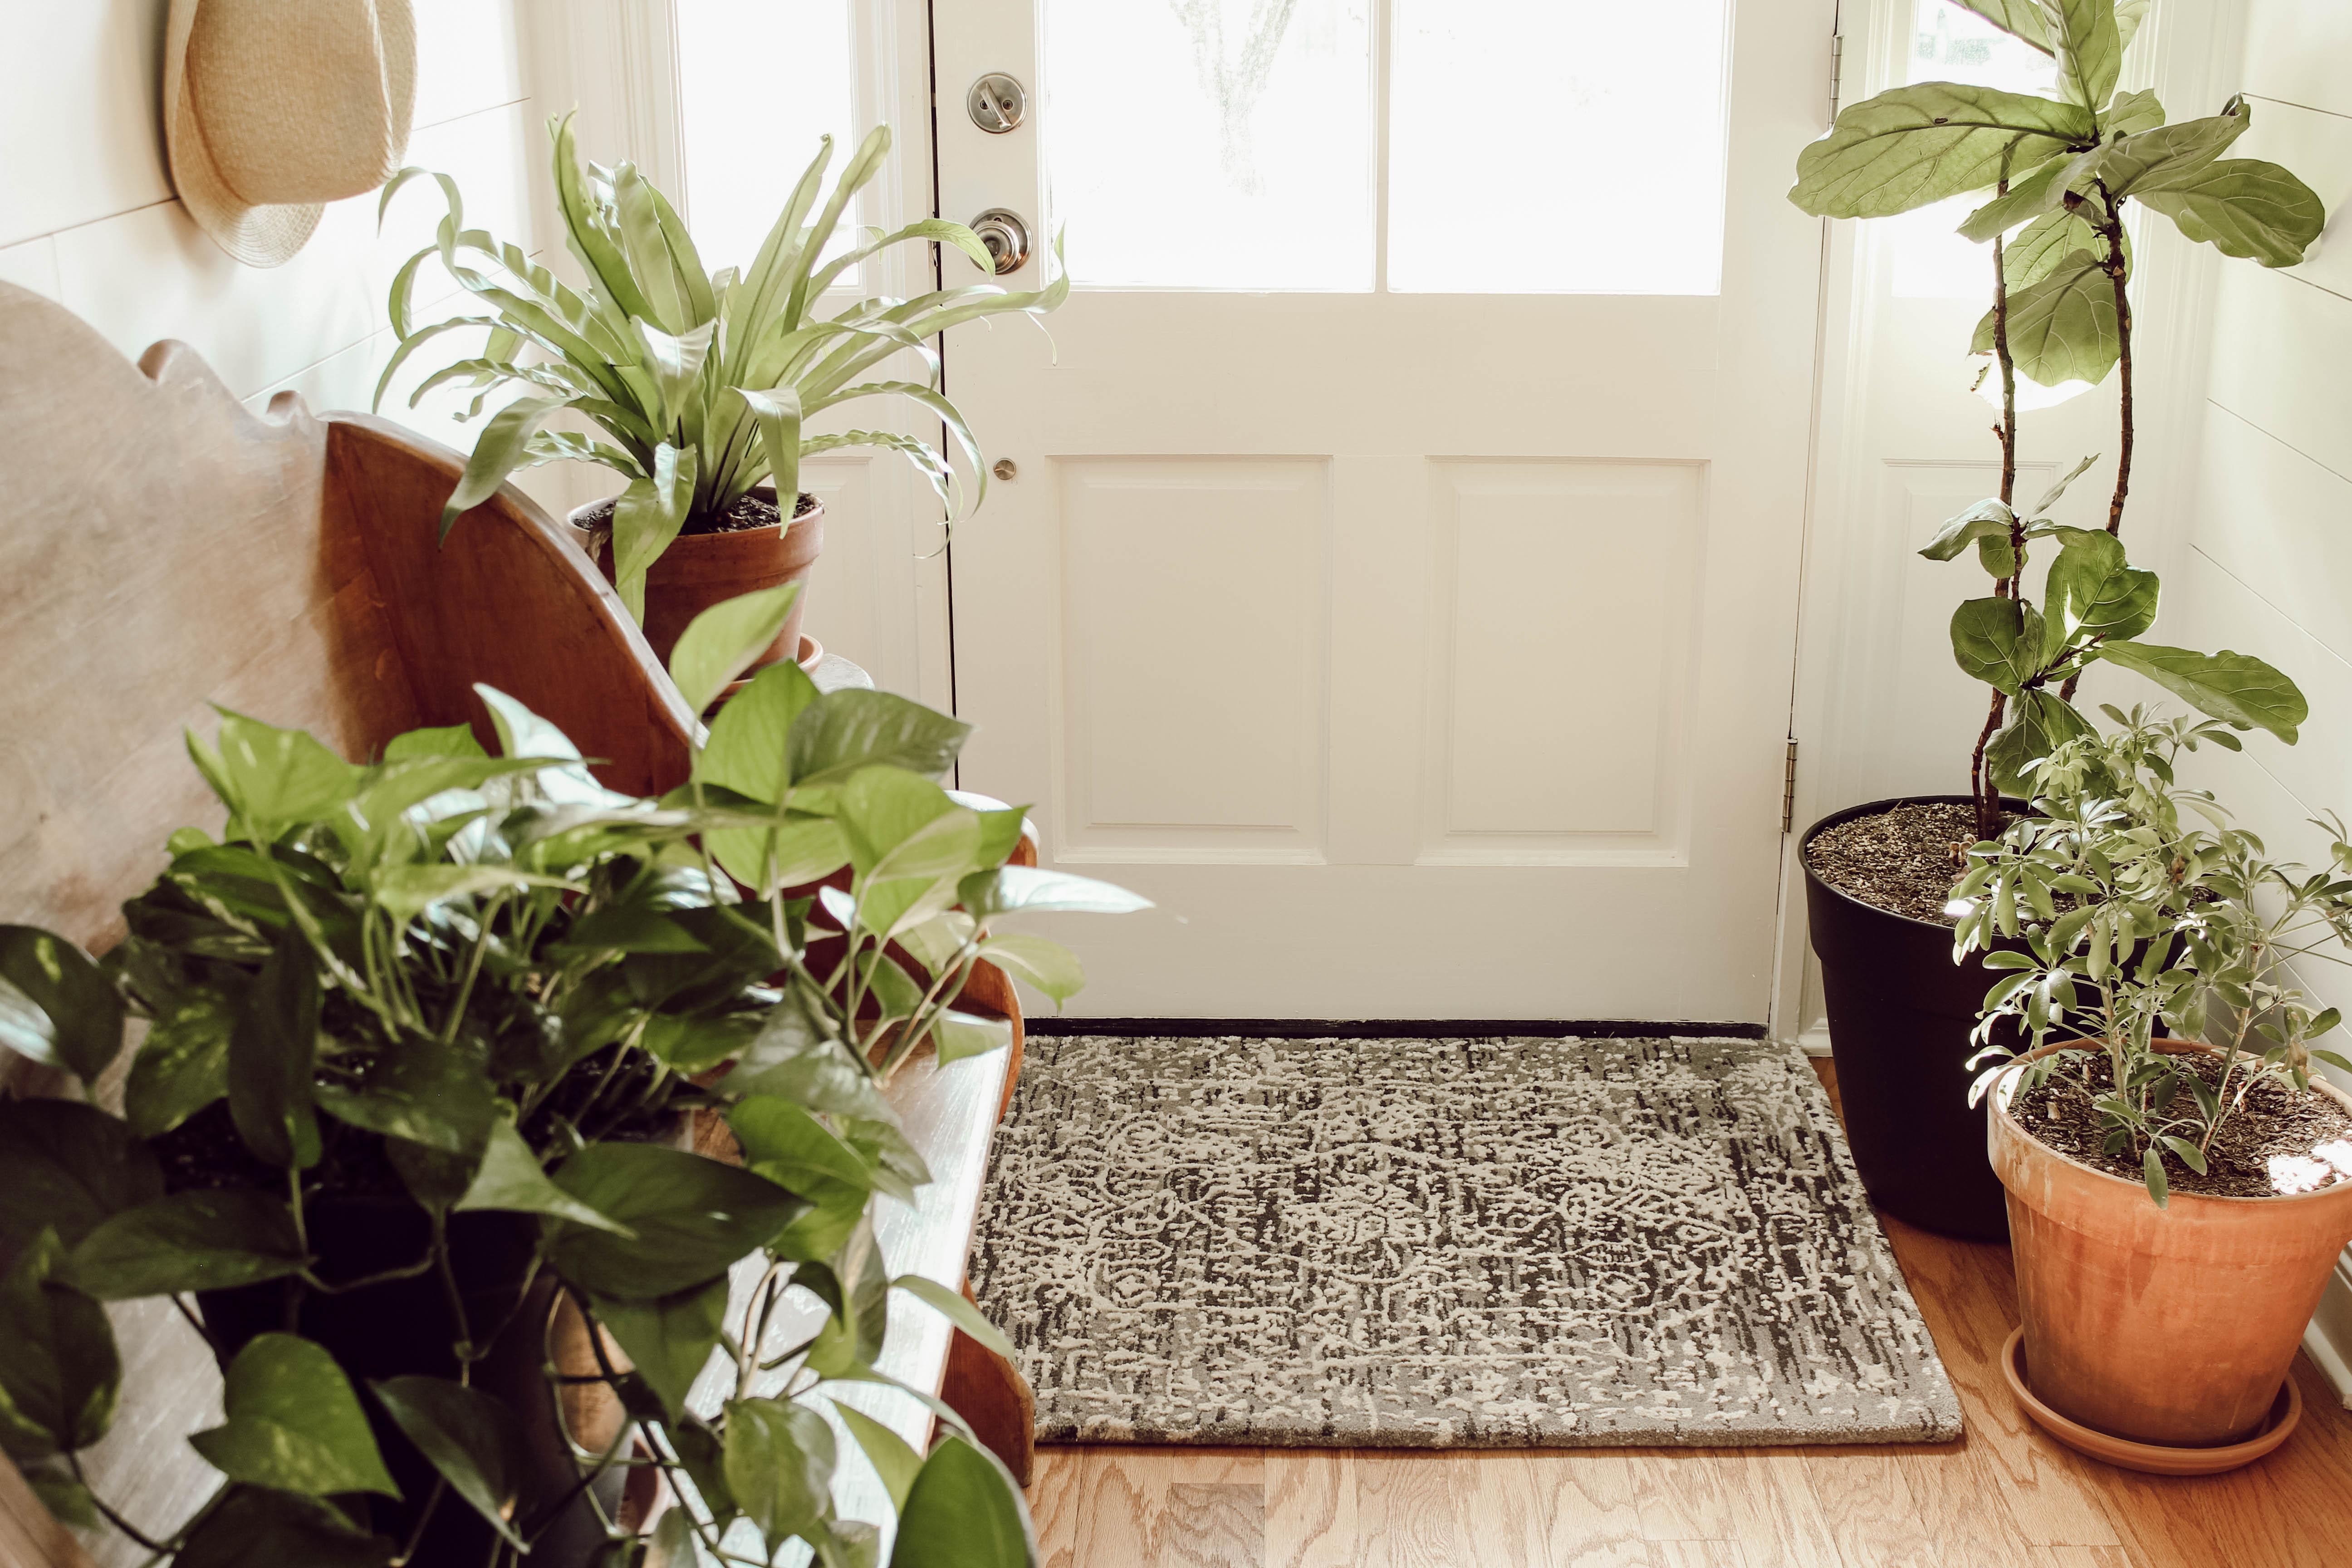 Yün kilimler, her oda için mükemmel bir aksesuardır.